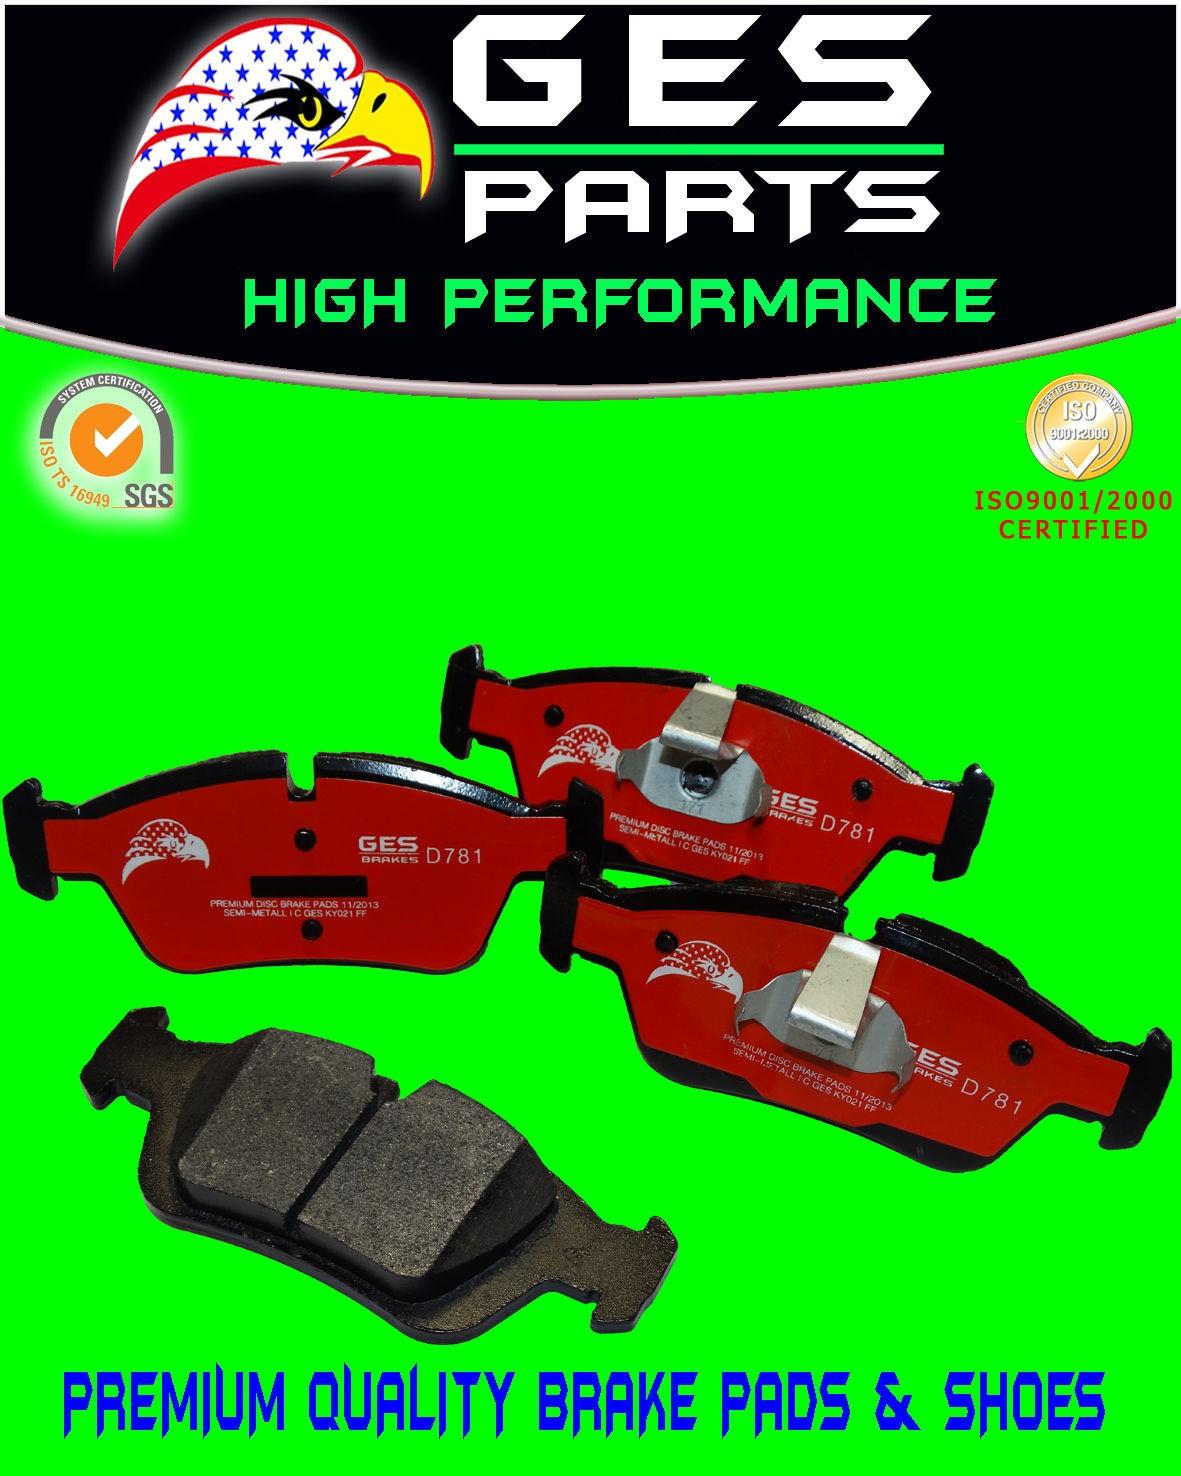 Premium Quality Front Brake Pad BMW 318i 318is 318ti 323Ci 323i 323iC  323is 328i 325Ci 325i 325is 325xi Z4 D781 & D558-7437